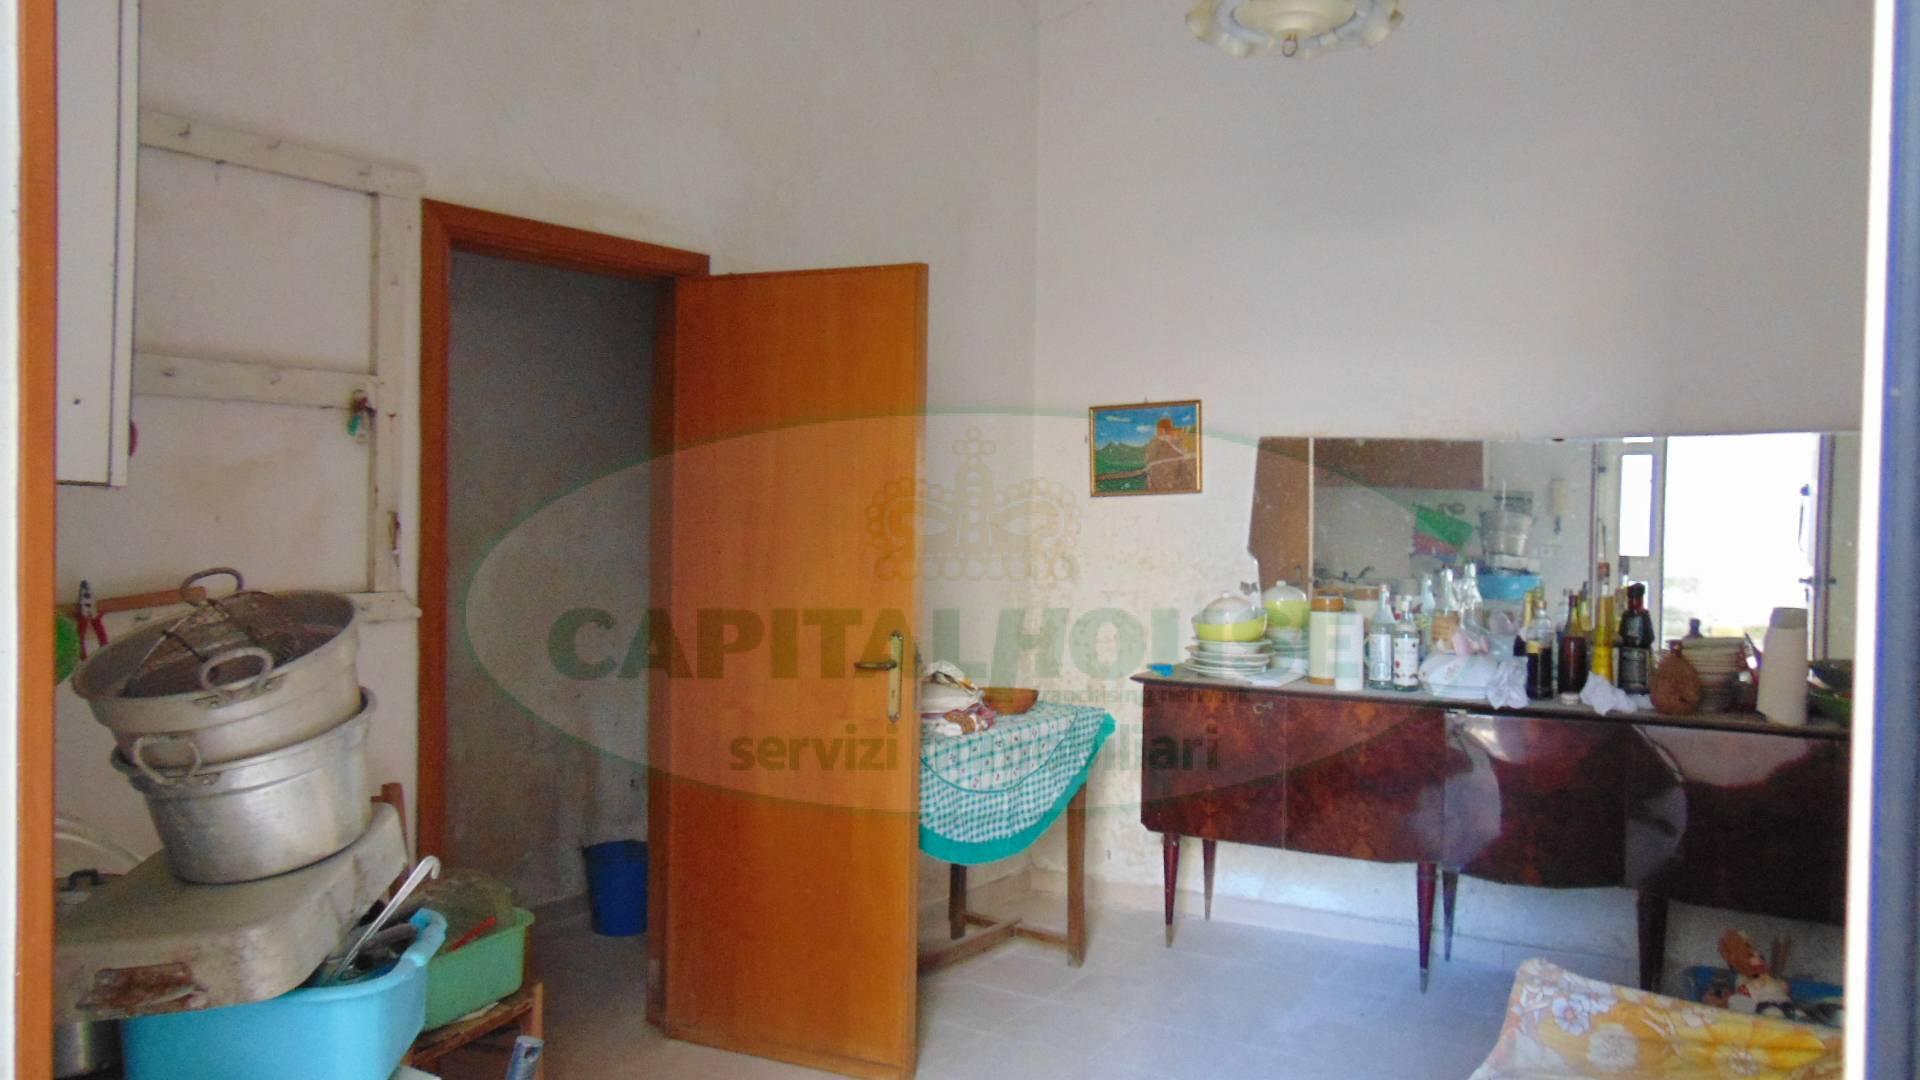 Appartamento in vendita a Sirignano, 2 locali, prezzo € 15.000 | CambioCasa.it